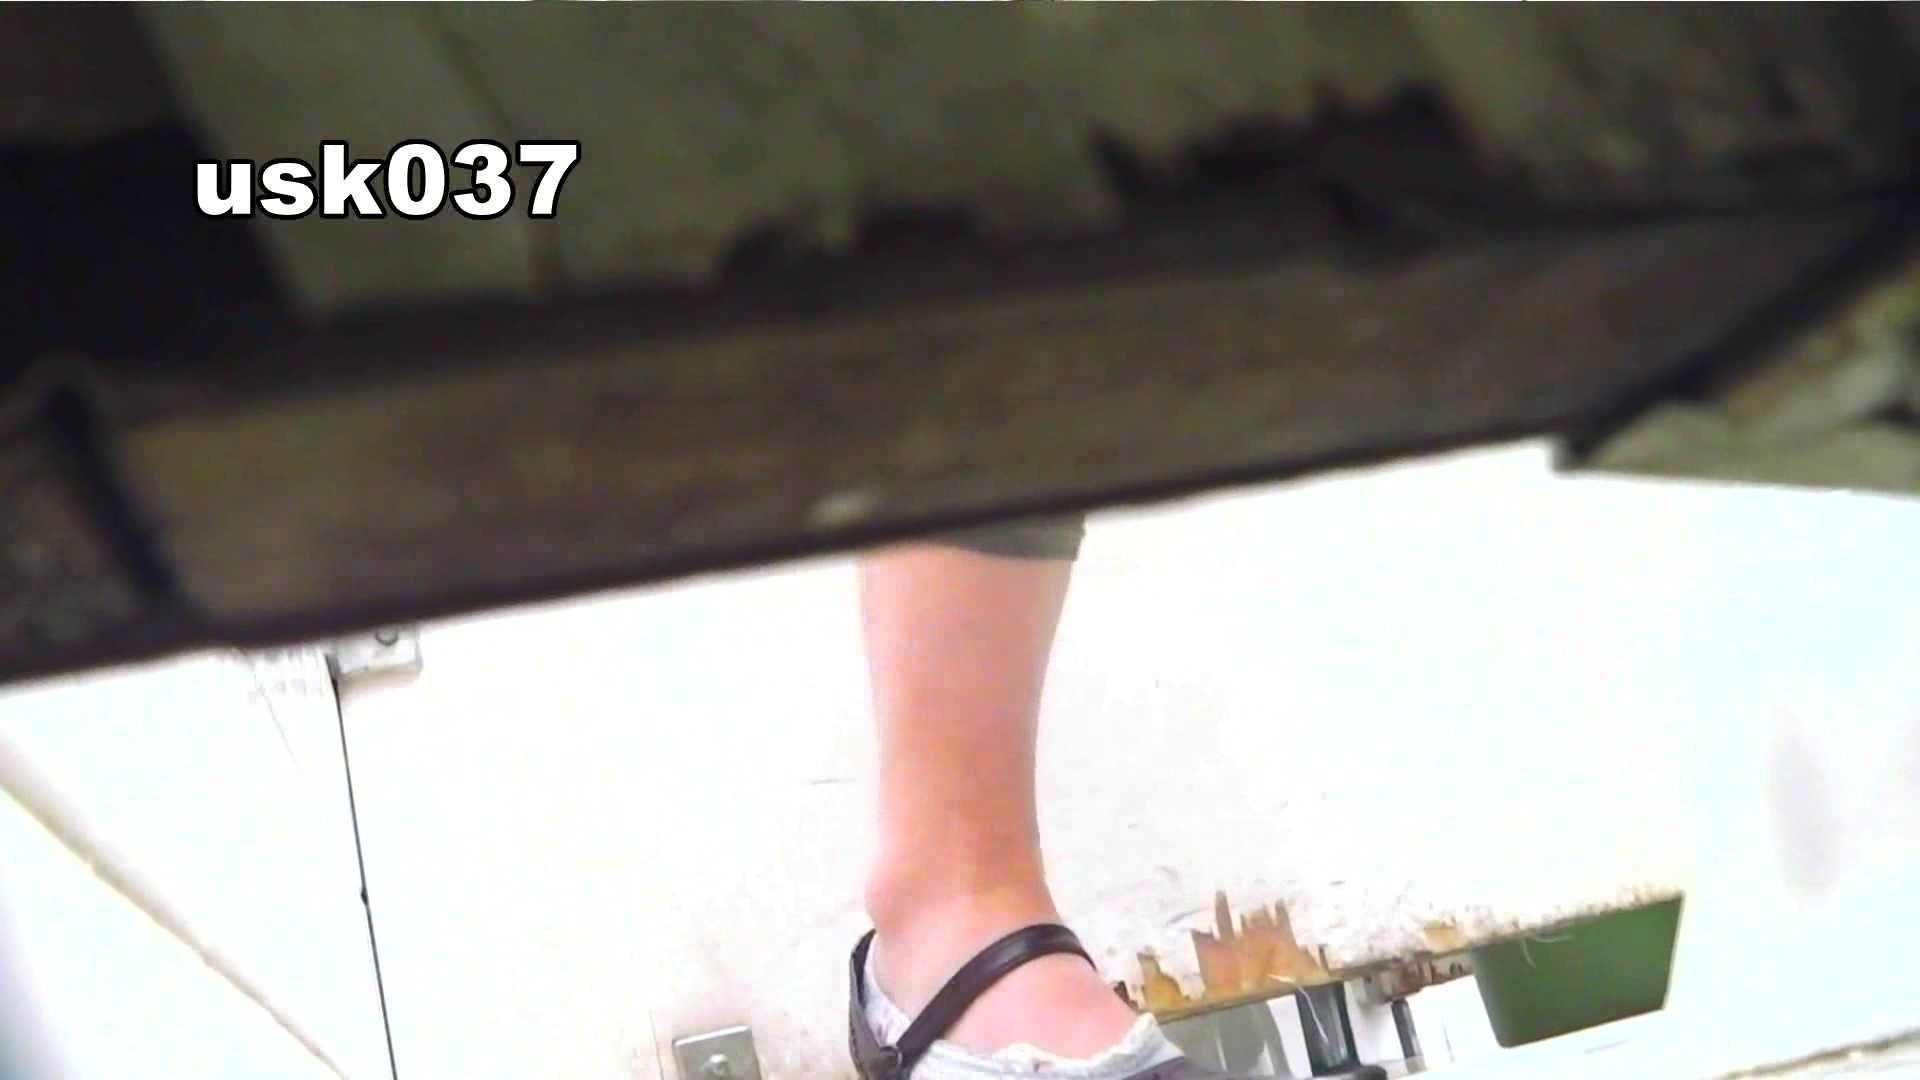 【美しき個室な世界】 vol.037 ひねり出す様子(フトイです) 洗面所  97連発 76